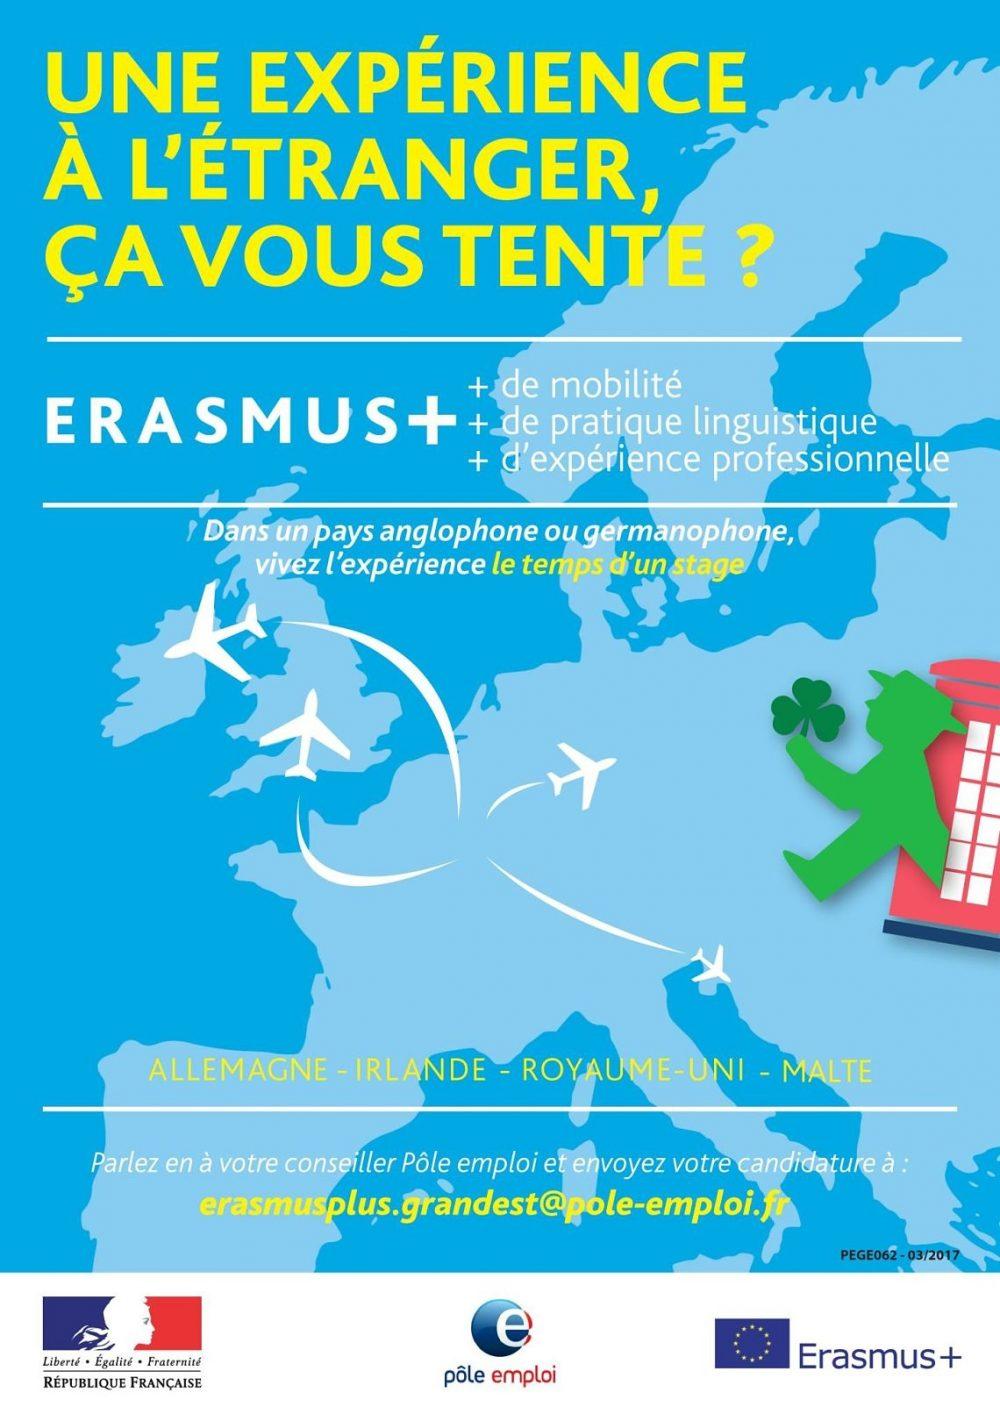 ERASMUS+, 3 MOIS DE STAGE PROFESSIONNEL EN ALLEMAGNE POUR GAGNER EN COMPETENCE